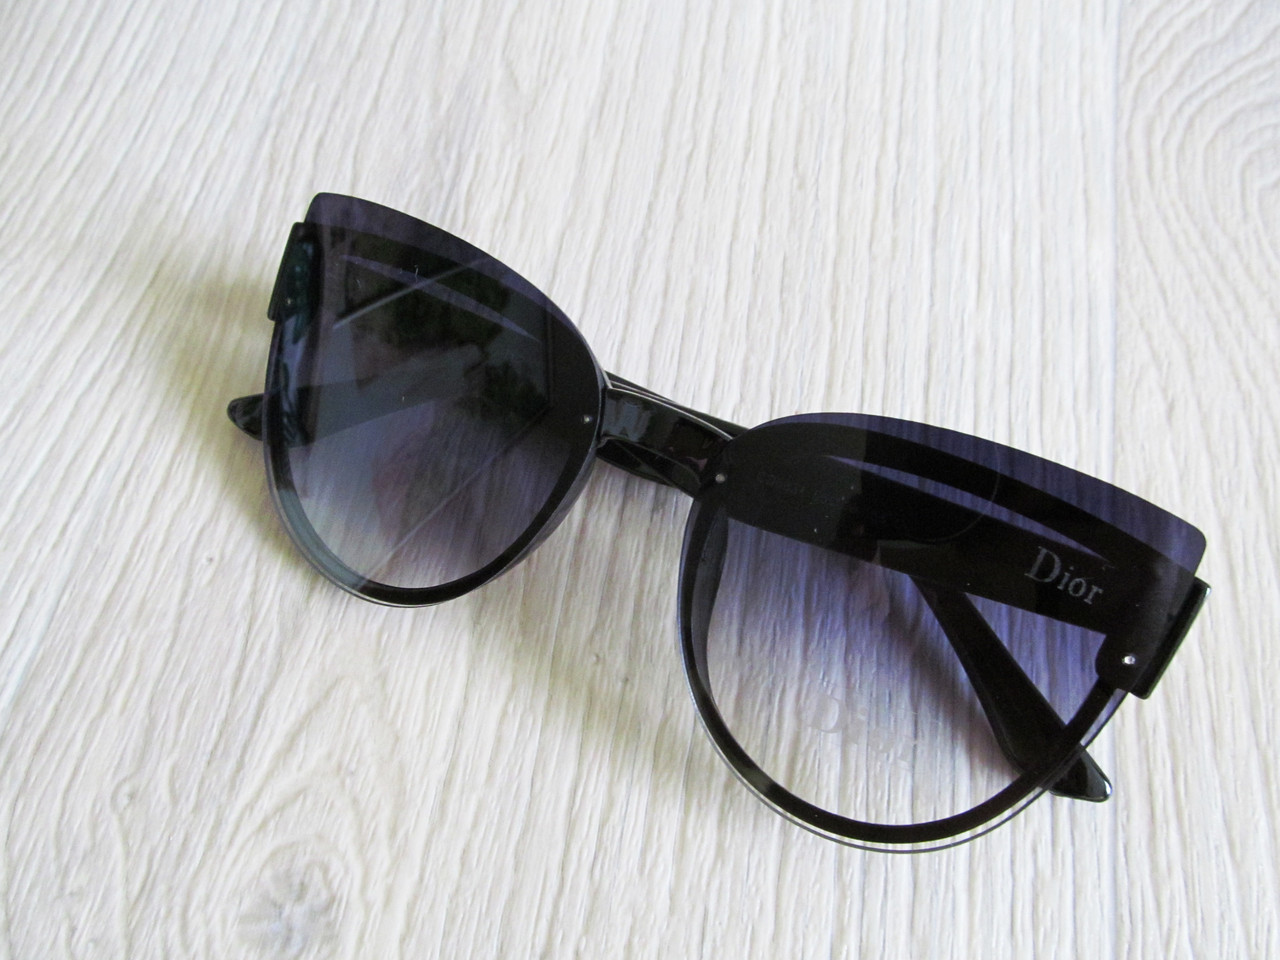 f33f9112dc6d Купить Стильное солнцезащитное очко реплику Диор оптом и в розницу в ...